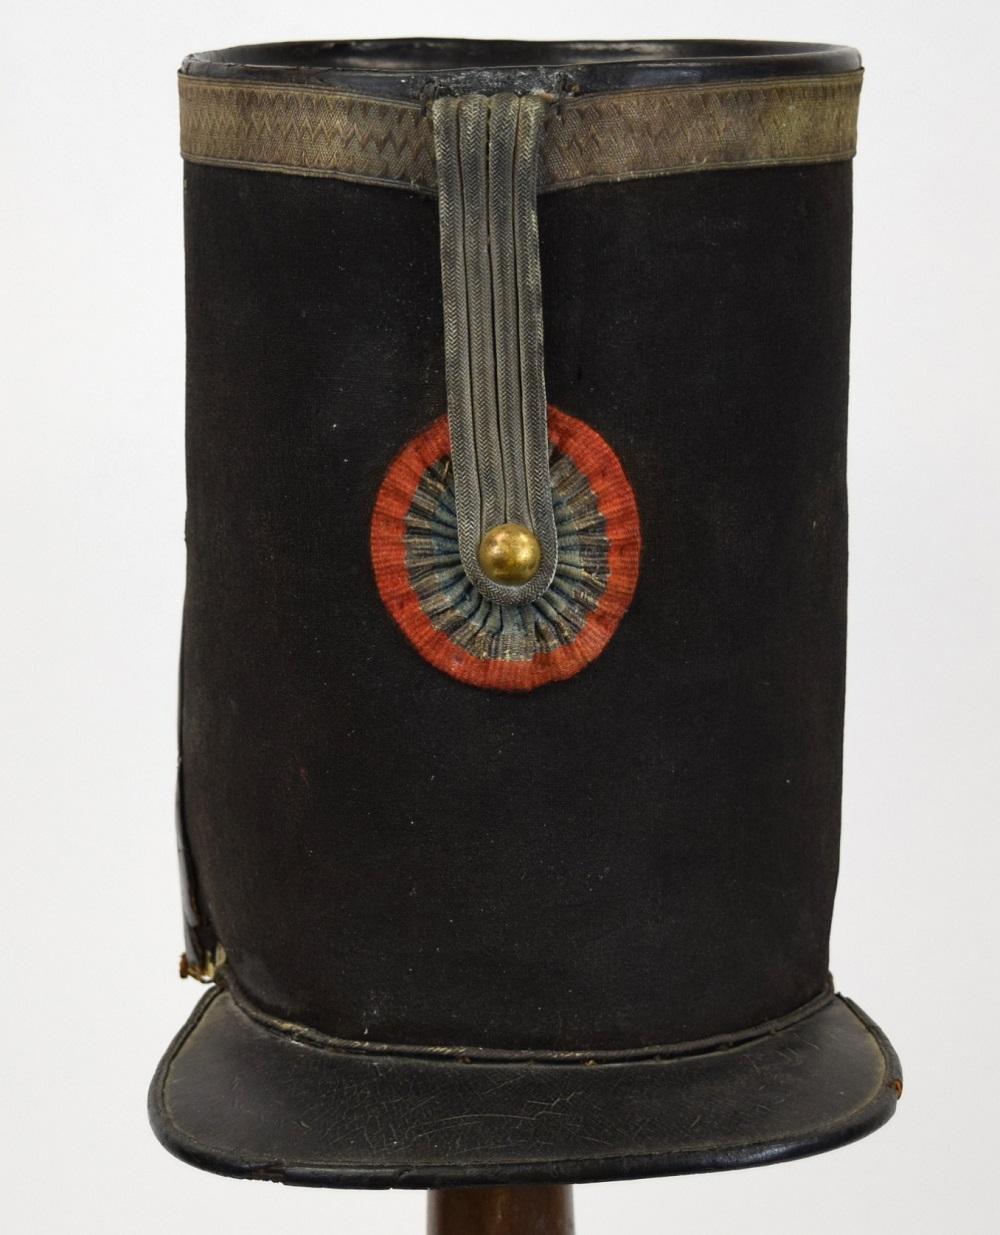 French 19th C. Military Officer's Shako Hat (Helmet)